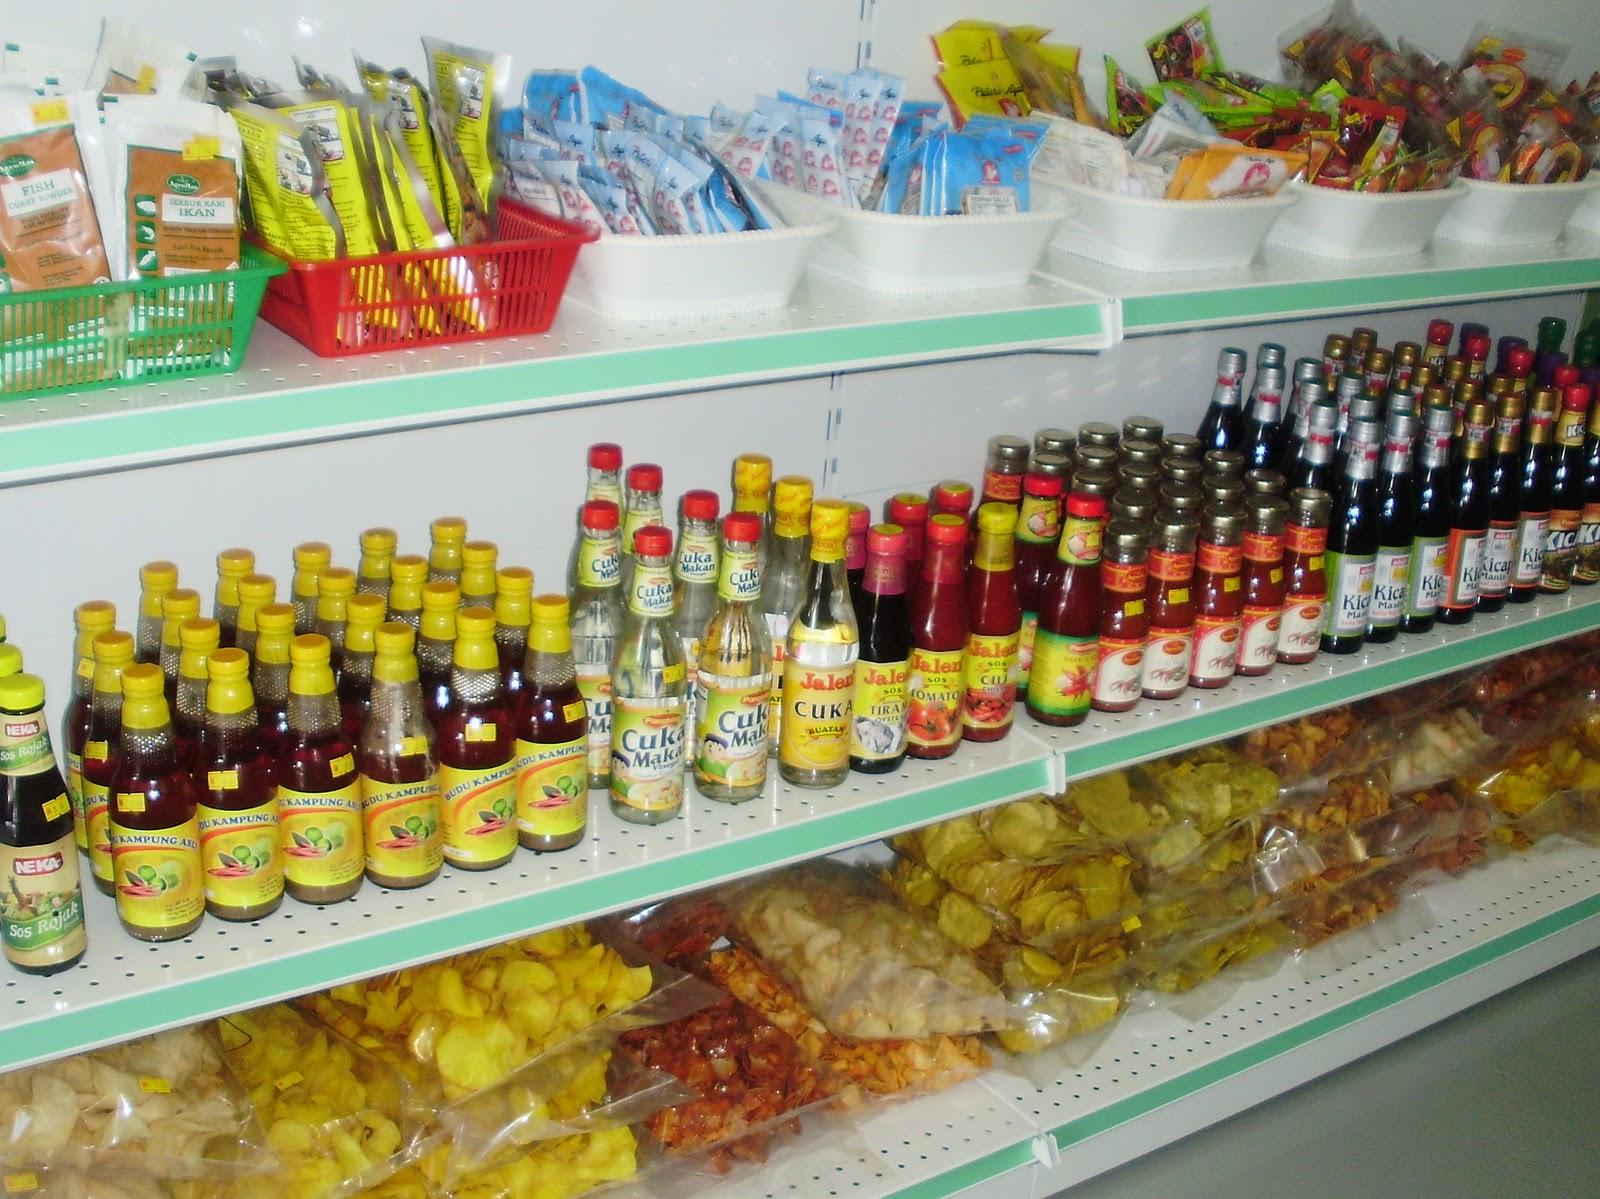 Pelbagai Barangan Kering Untuk Masakan Dapur Keluaran Iputera Seperti Rempah Ratus Beehoon Makanan Segera Mee Bandung Hailam